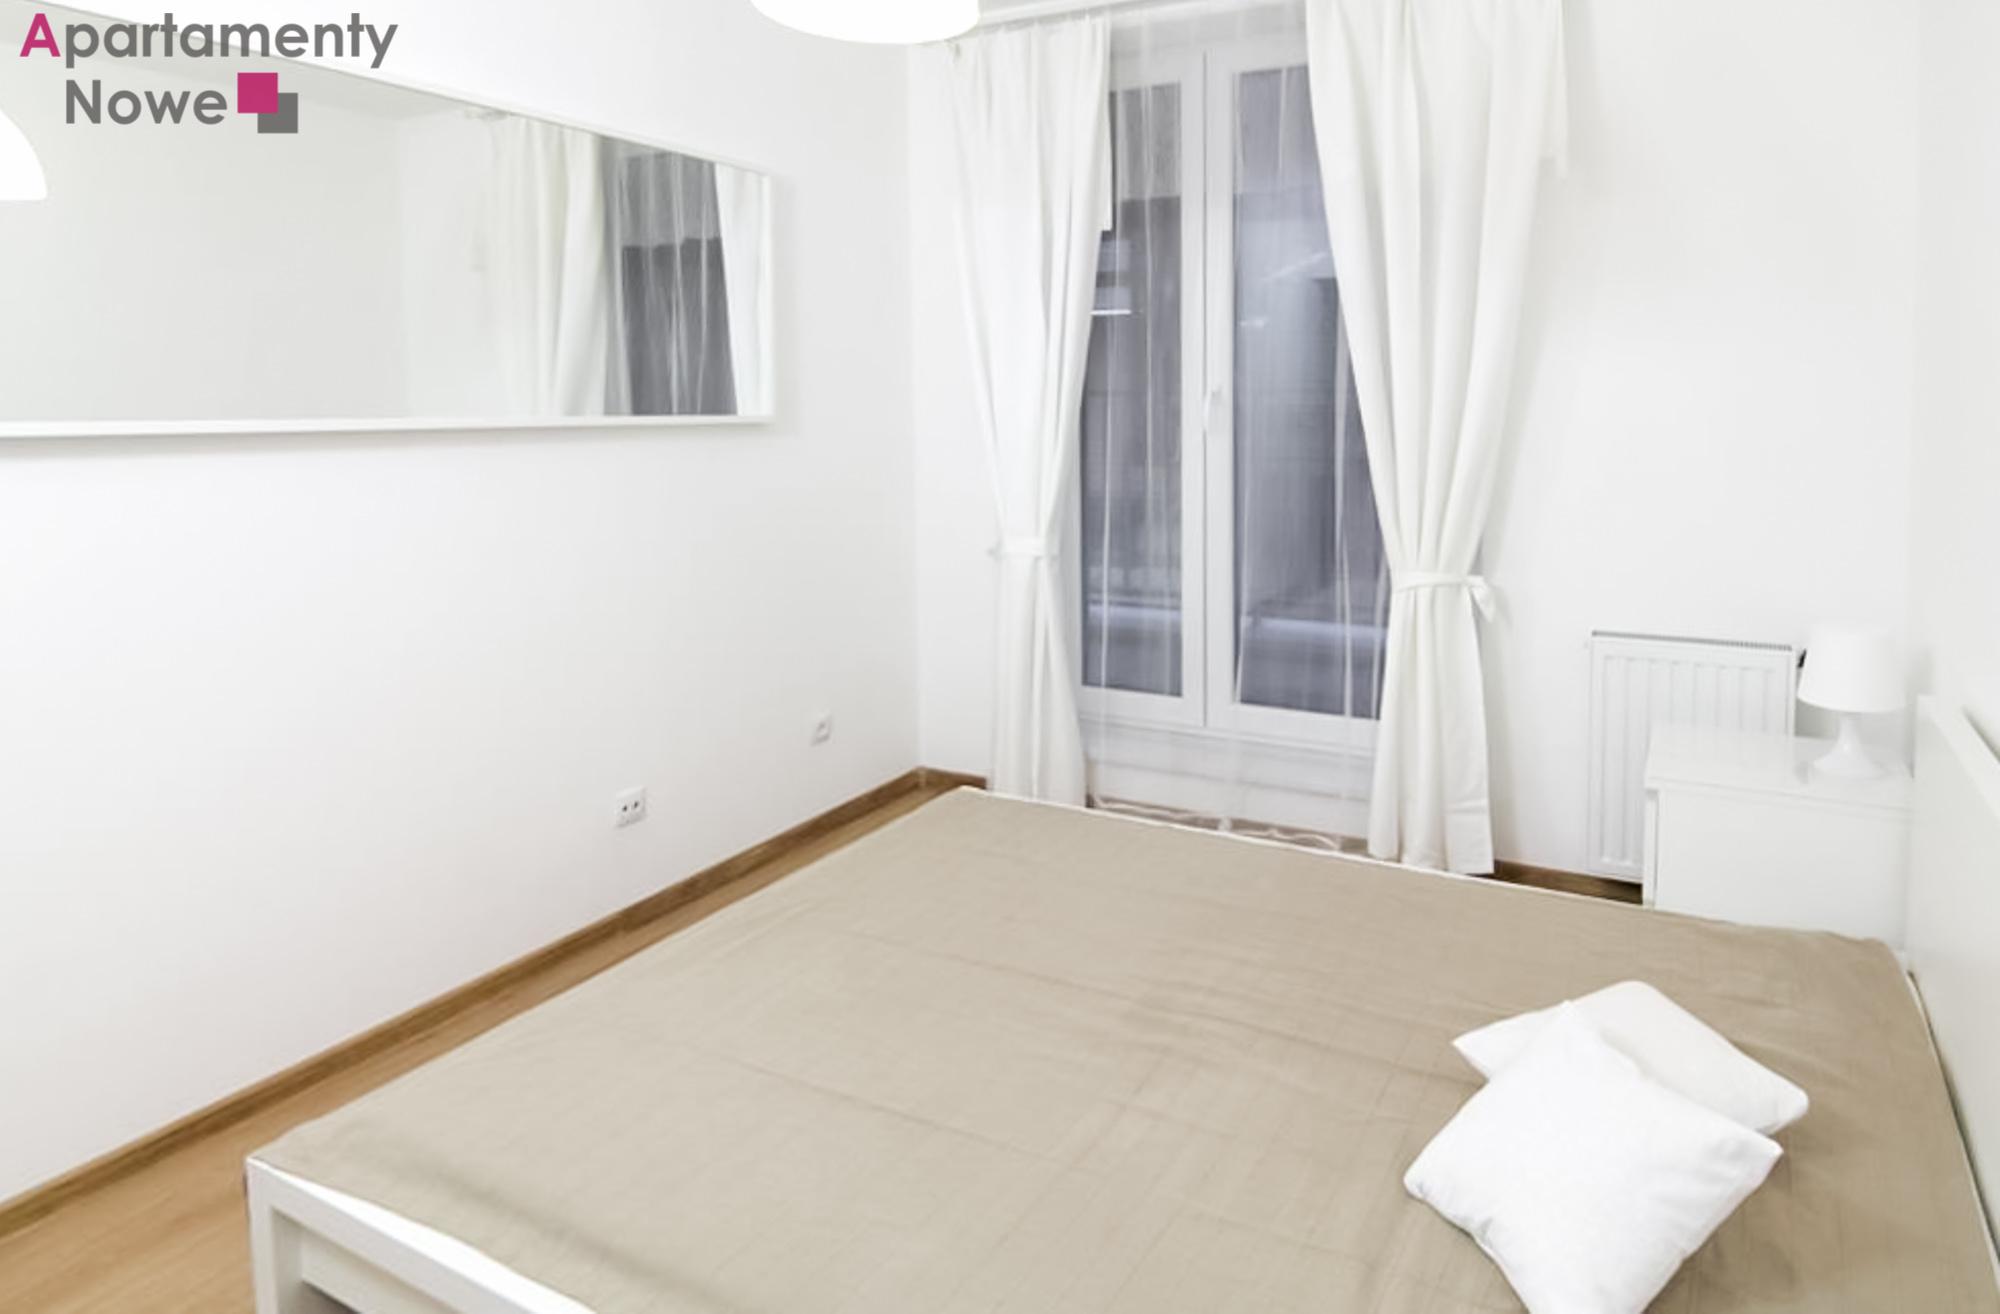 Przytulne Funkcjonalne Mieszkanie 36 M2 Z Osobną Sypialnią